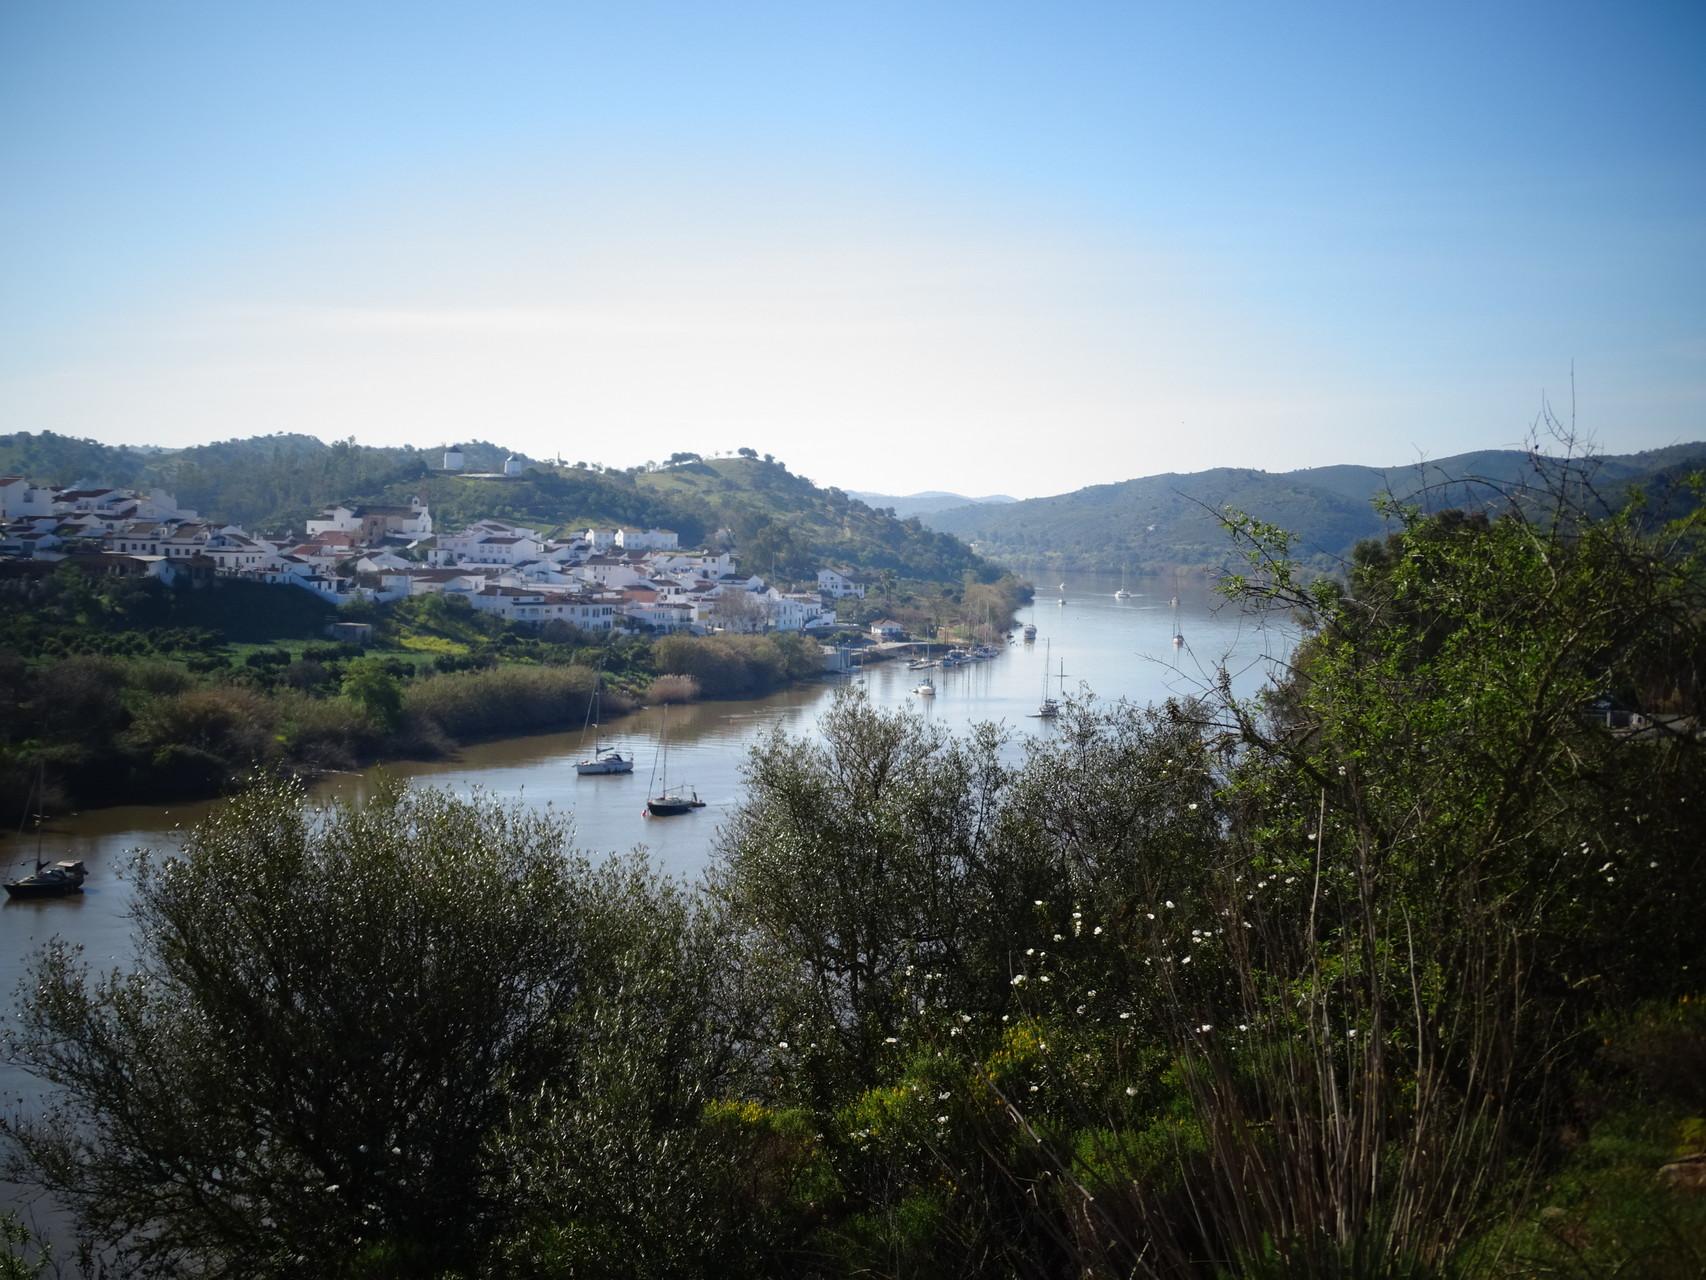 Blick über den Guardiana vom alten Schloss von Alcoutim aus Richtung Sanlucar, Spanien